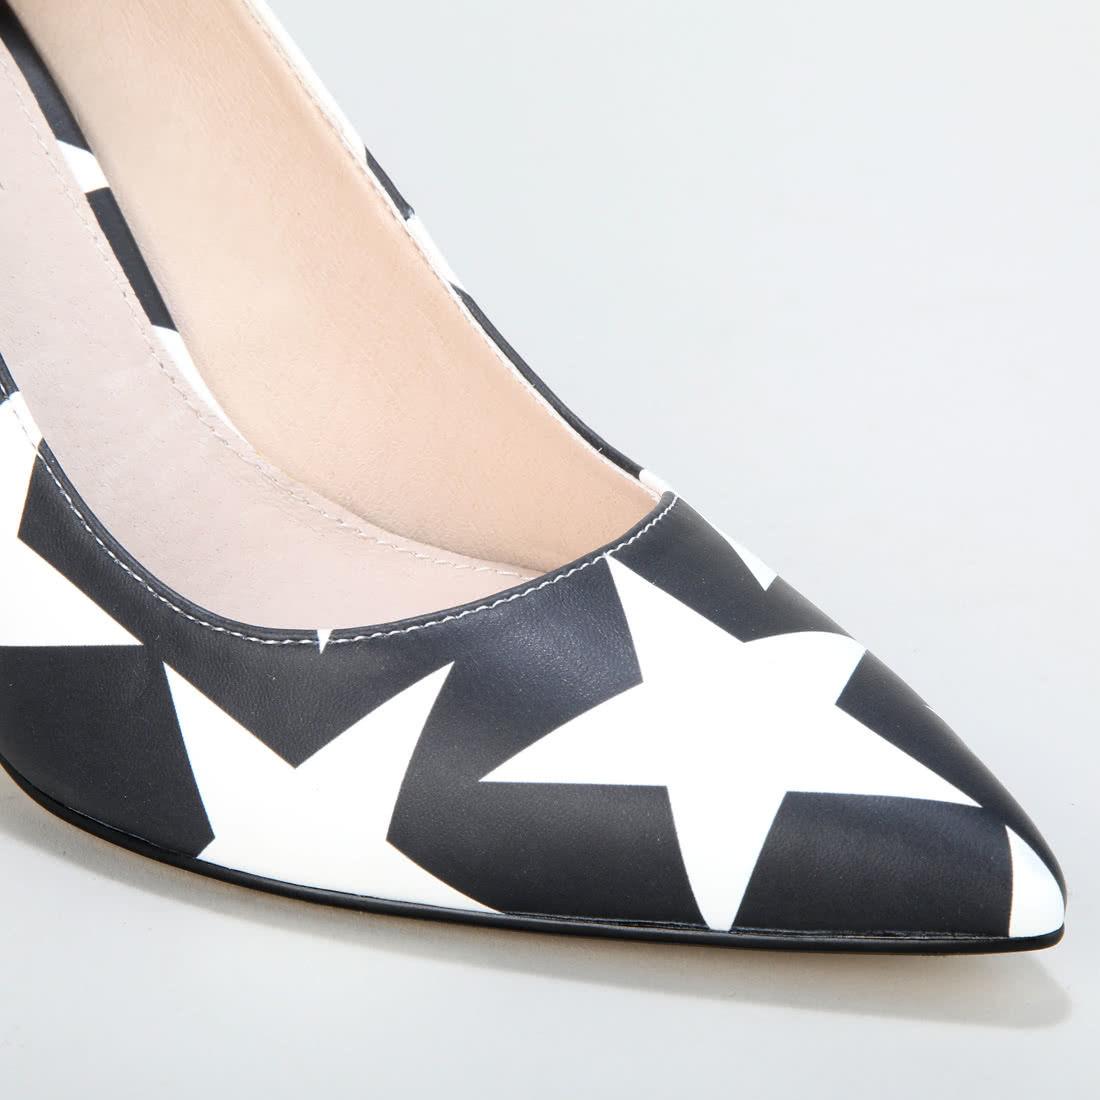 56cac3ff6556e Amina Escarpin Party motif étoiles noir-blanc acheter à BUFFALO en ...